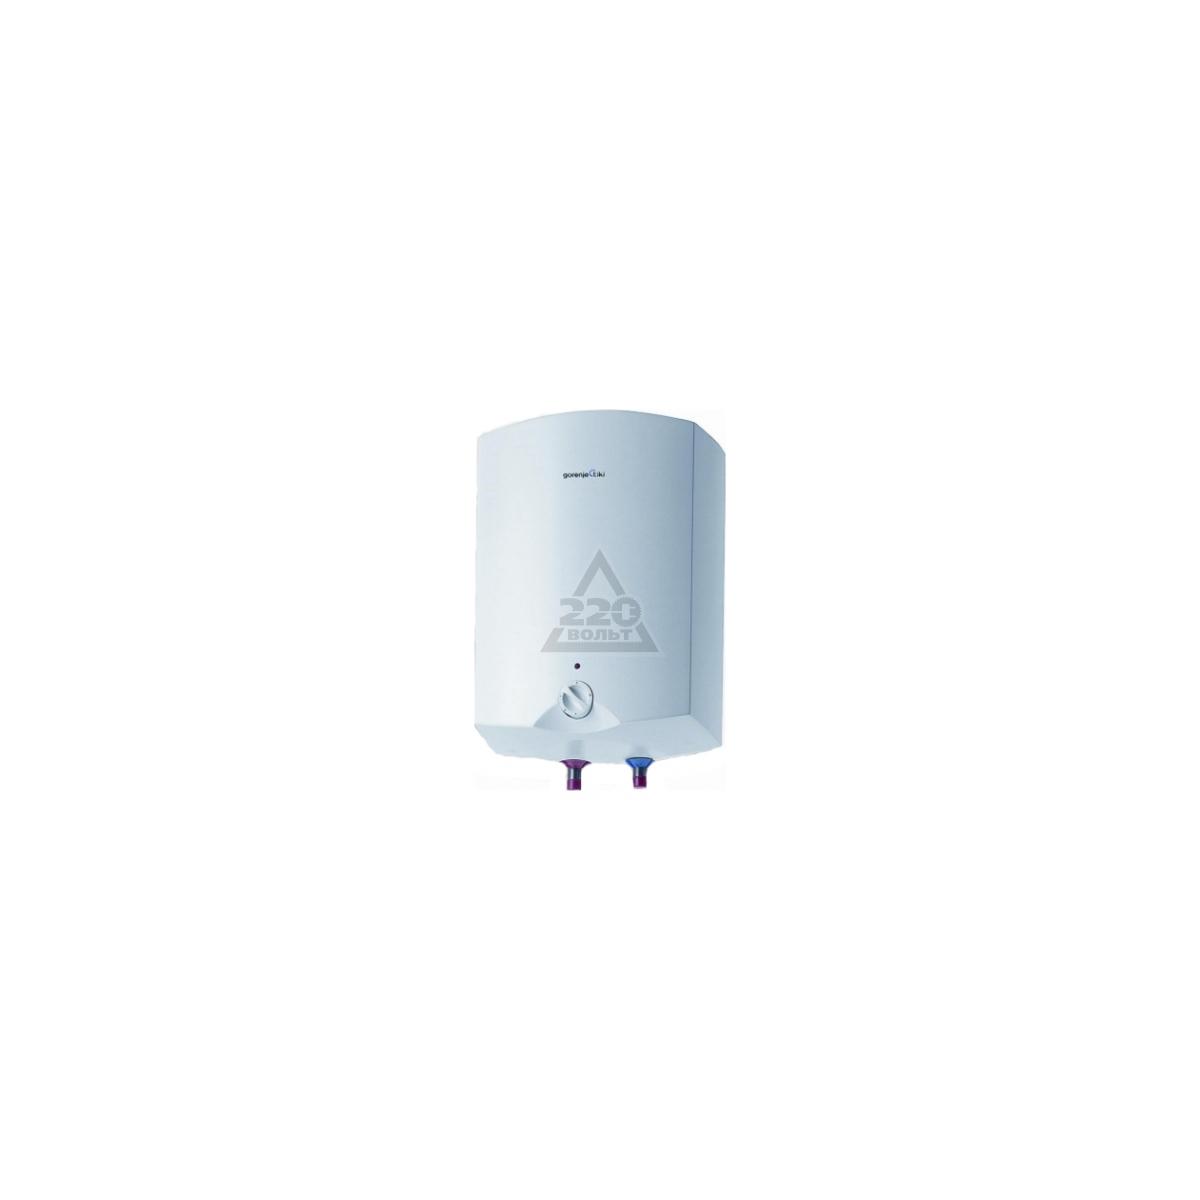 Водонагреватели накопительные электрические отзывы лучшие модели (рейтинг 2020)